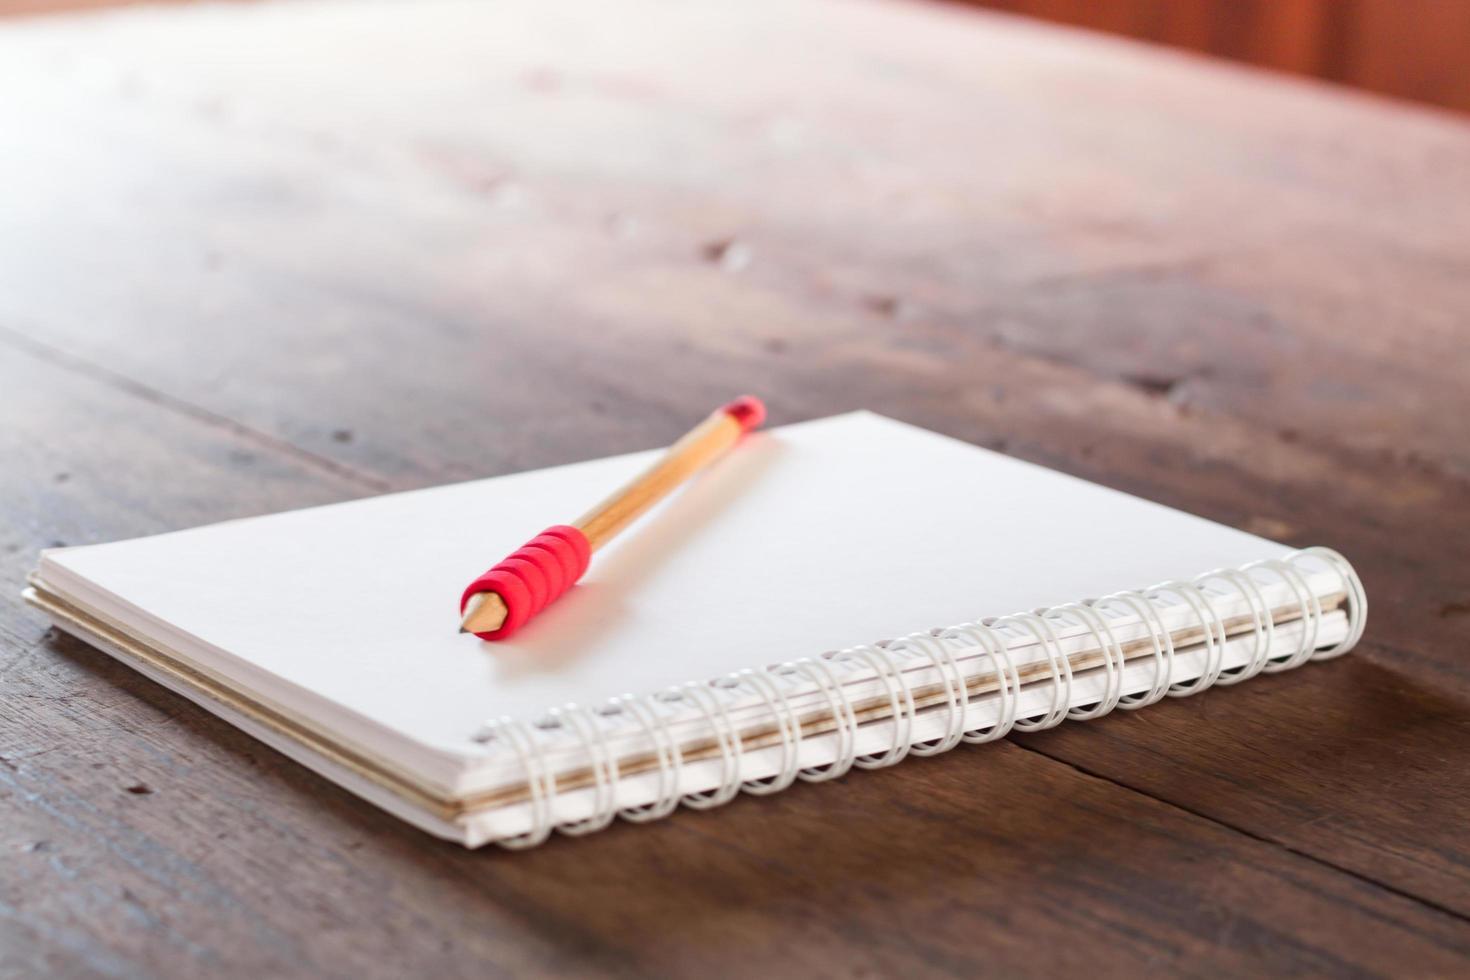 Rotstift auf einem Notizbuch auf einem Tisch foto